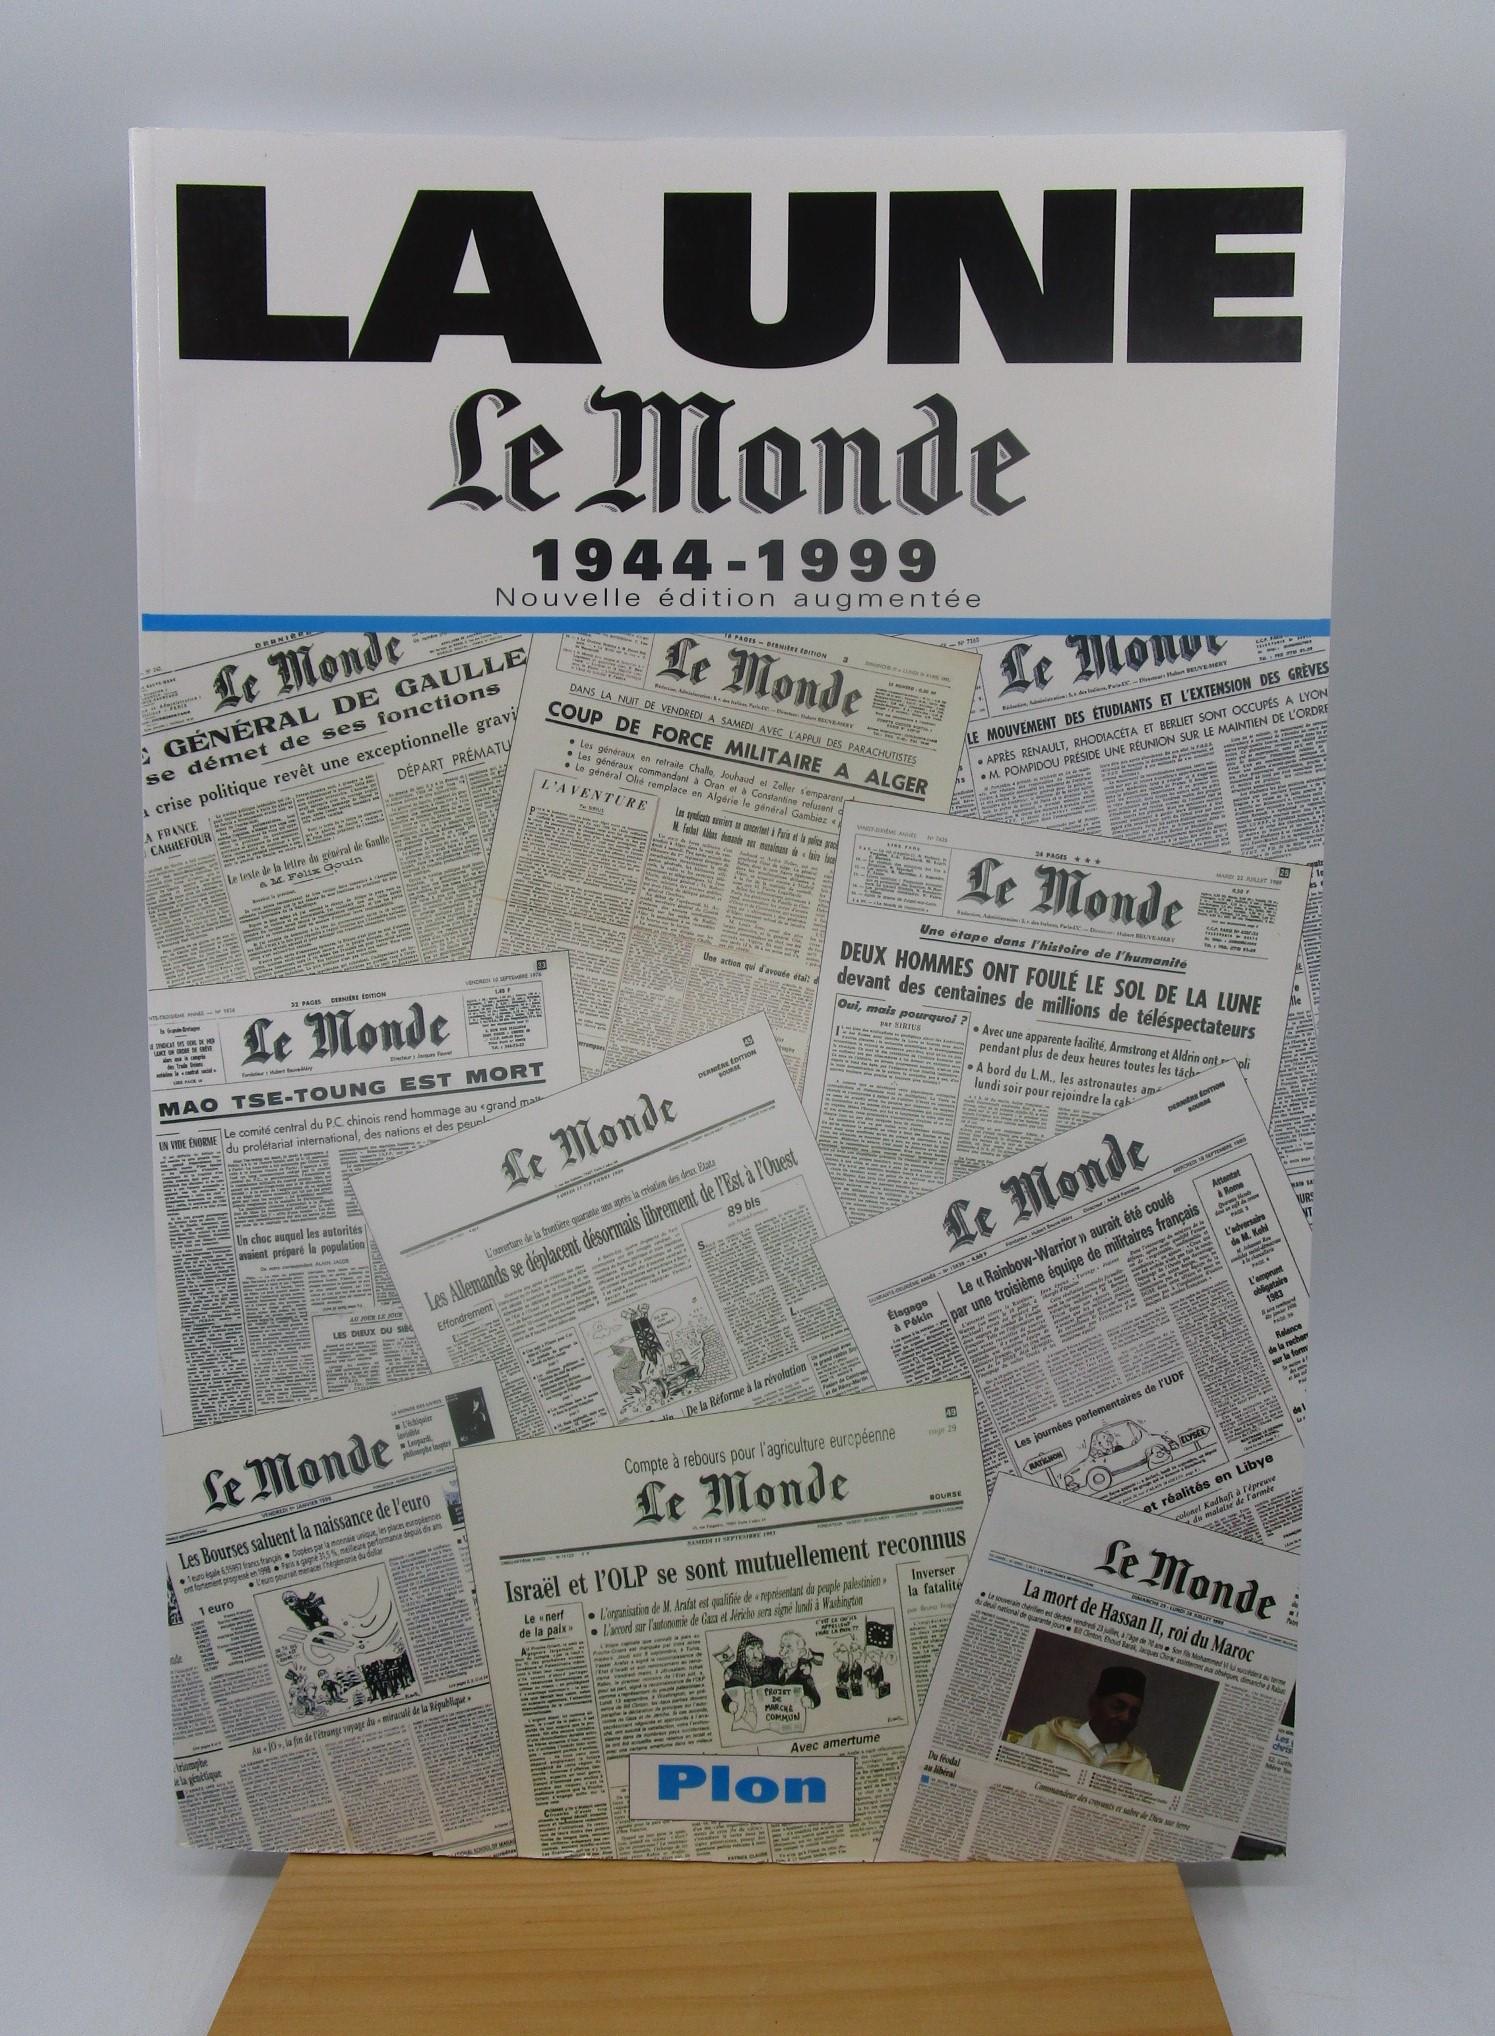 Image for La une, Le monde, 1944-1999